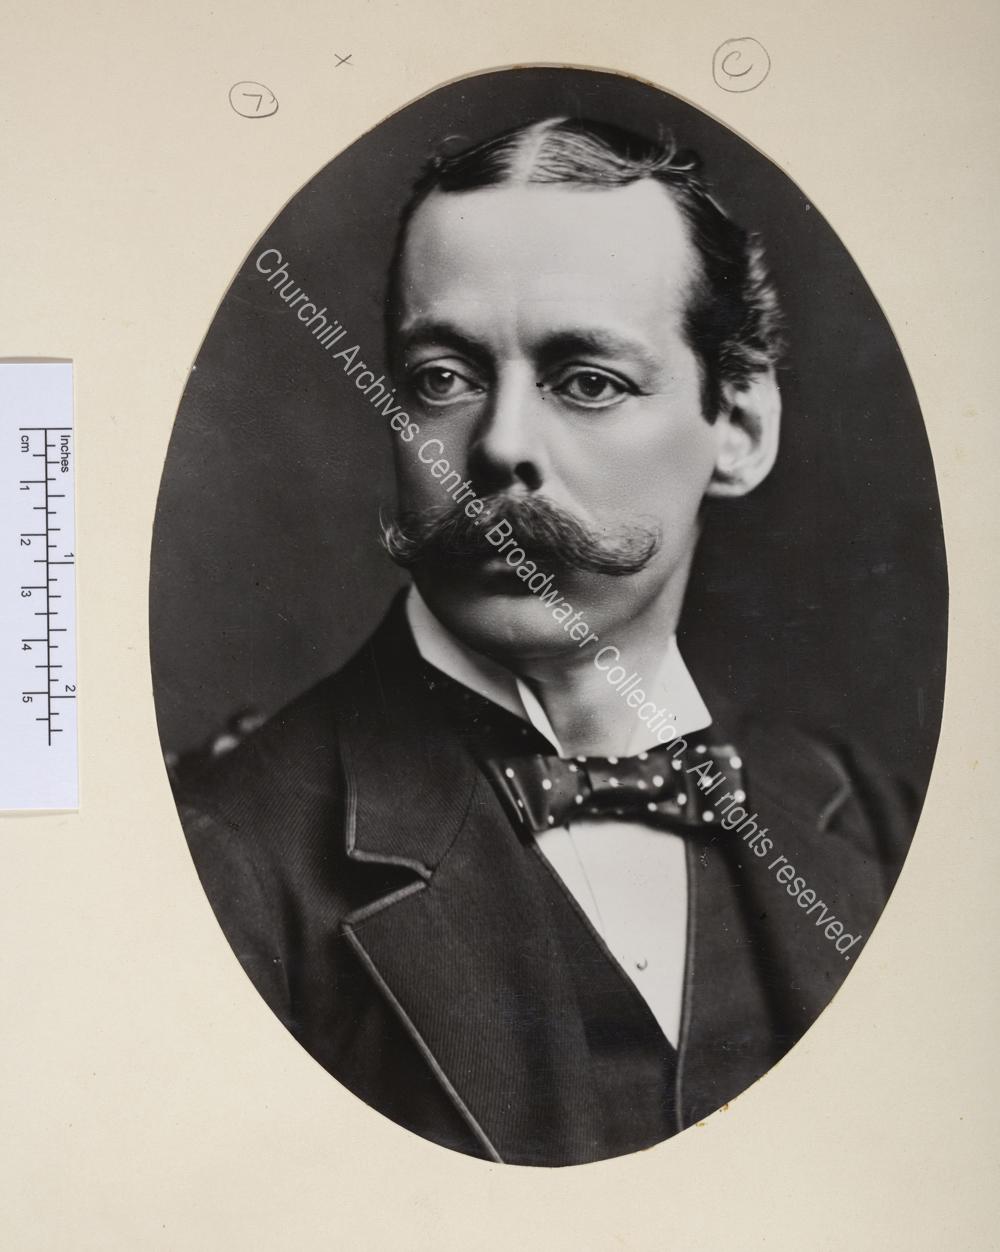 Oval portrait photograph.